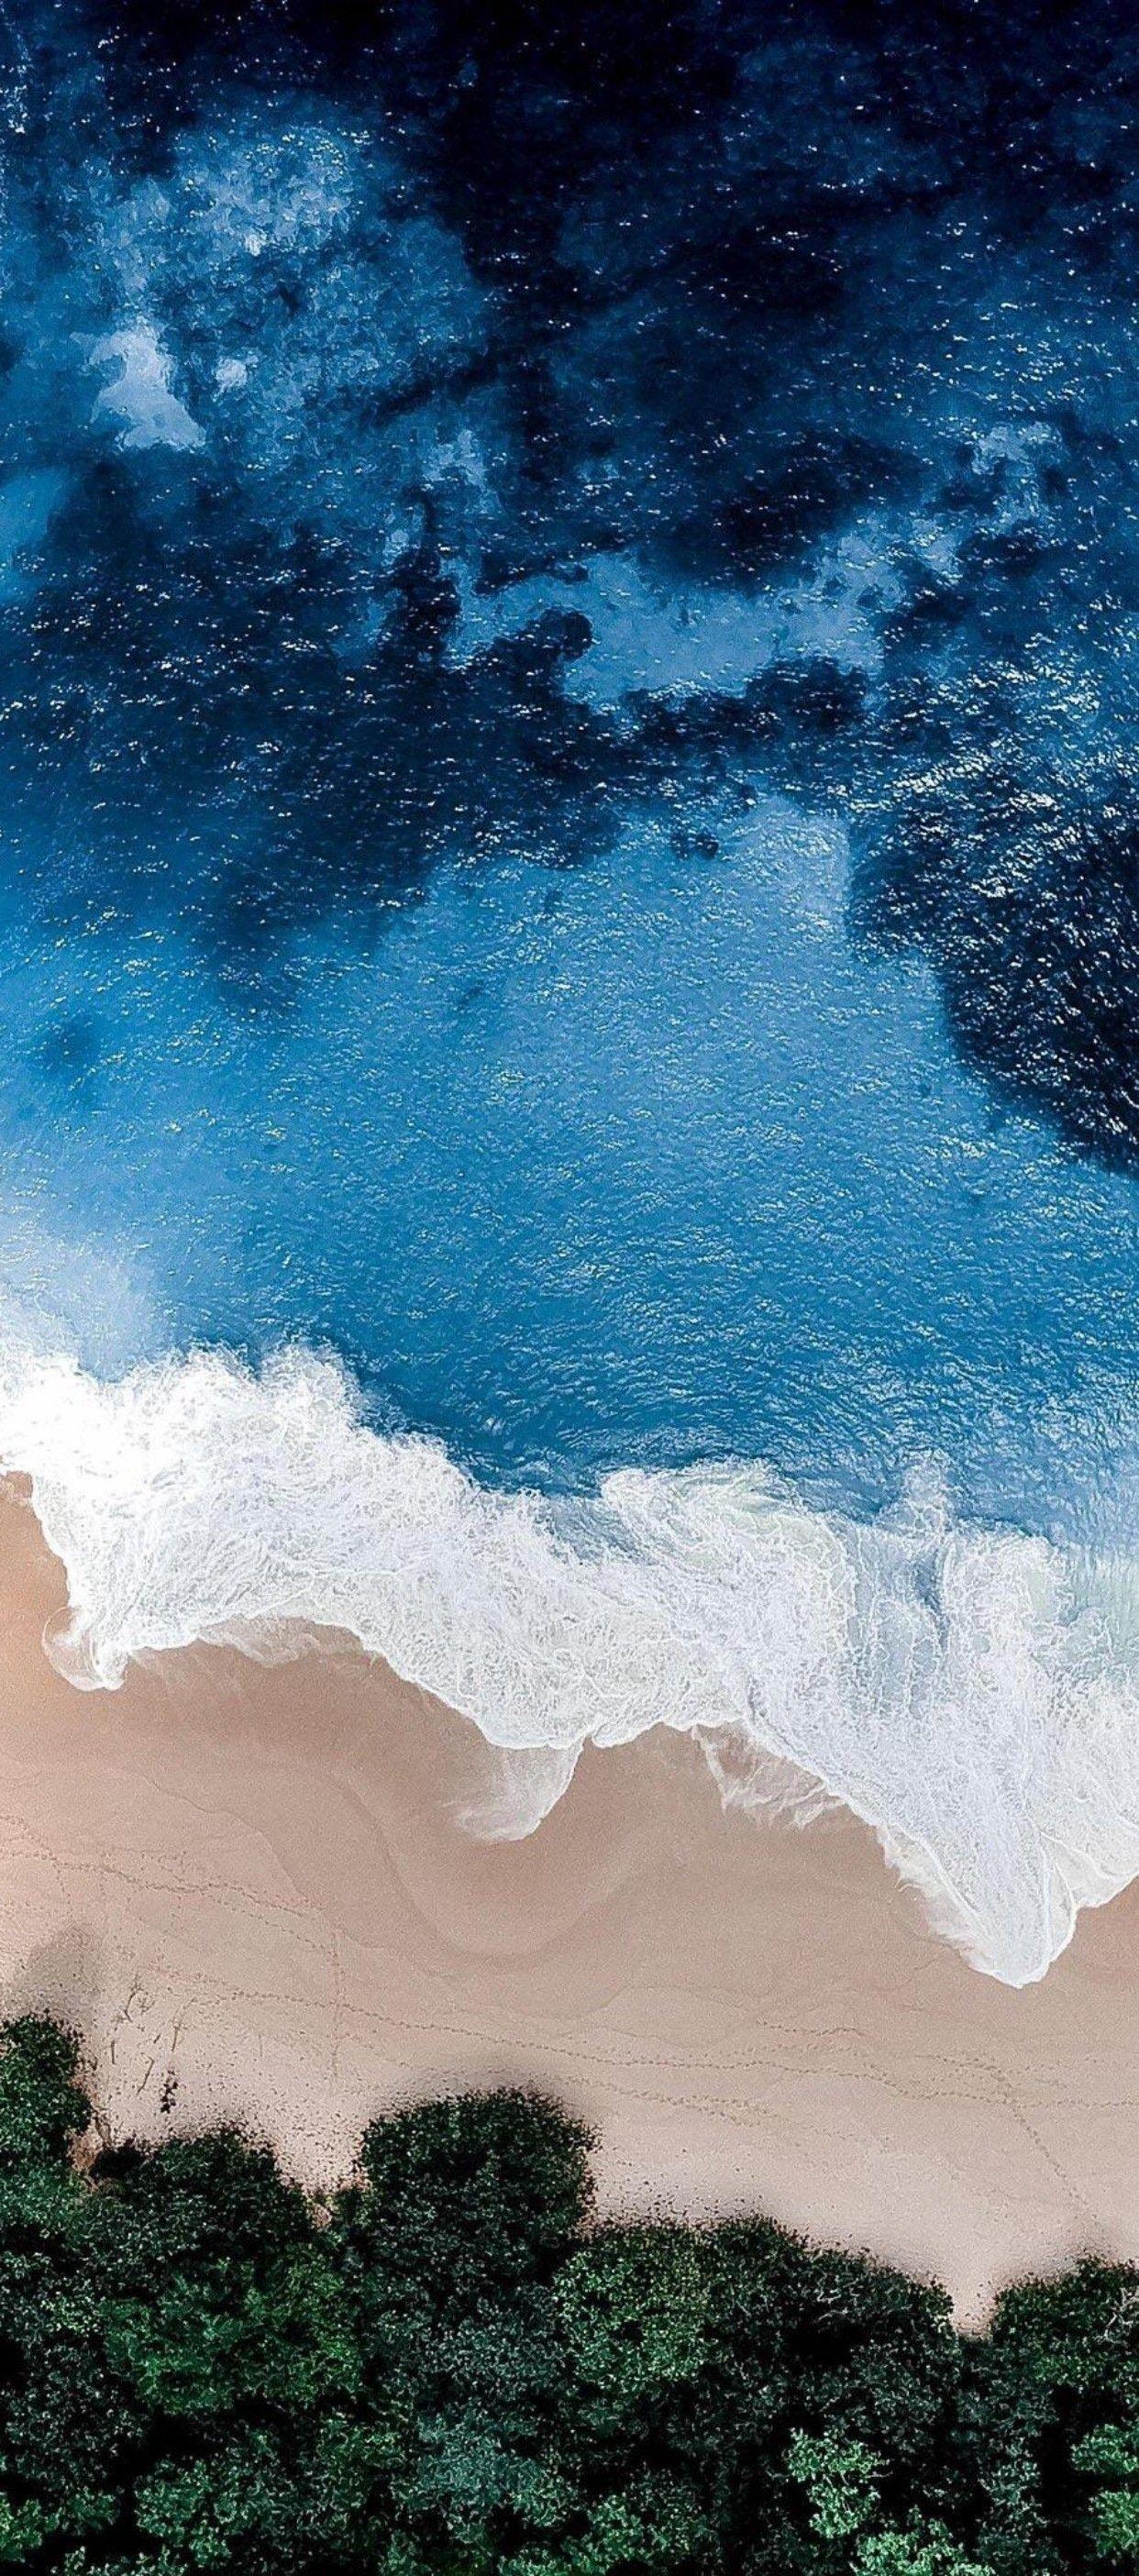 iOS 11, iPhone X, Aqua, blue, Water, beach, wave, ocean